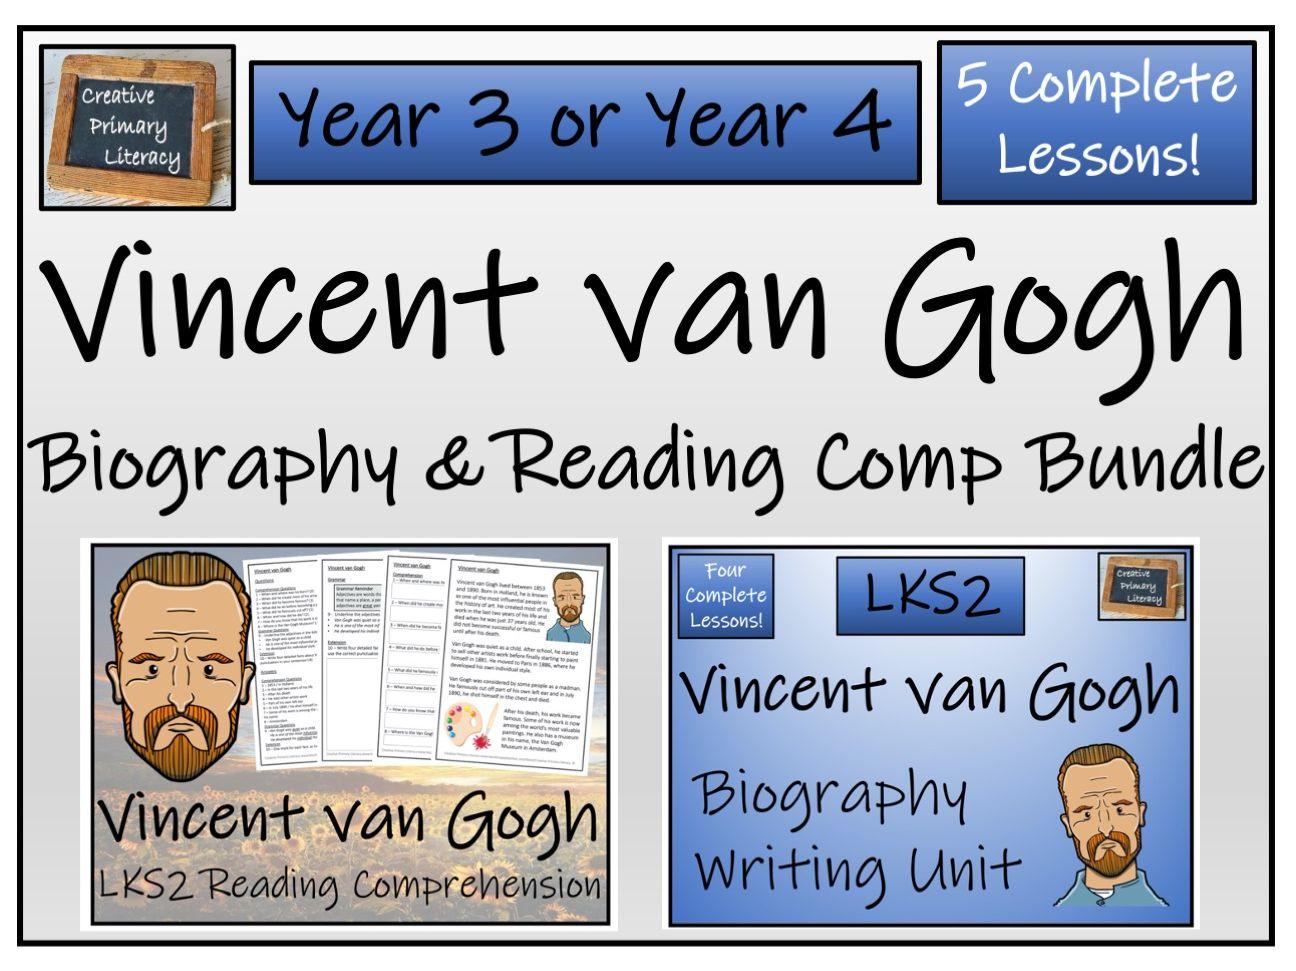 LKS2 Vincent van Gogh Reading Comprehension & Biography Bundle